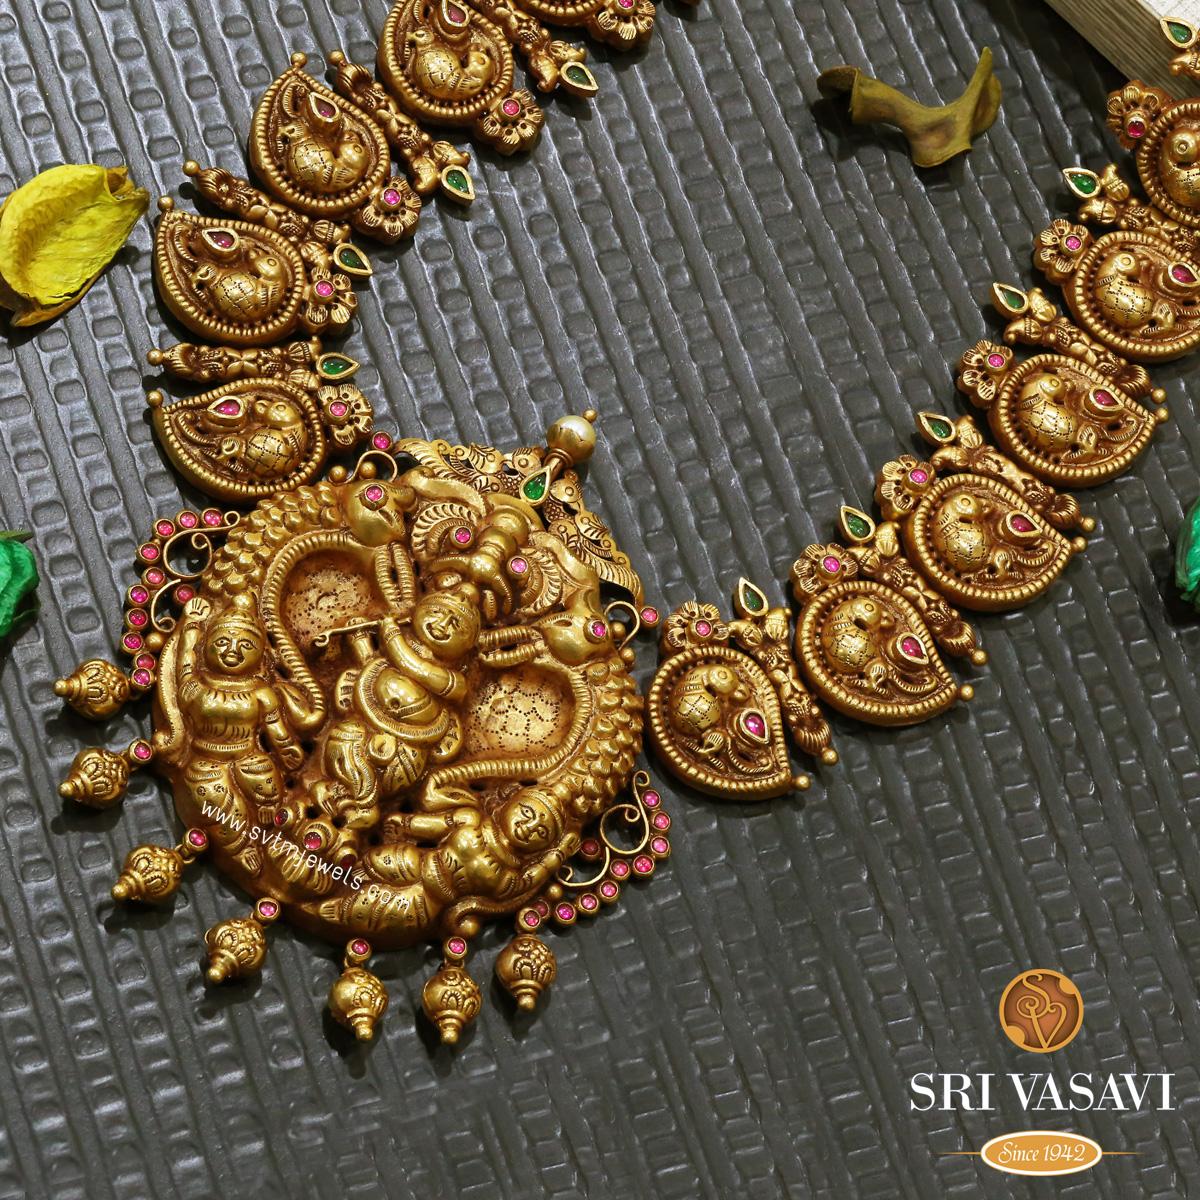 Rishikesha Haaram